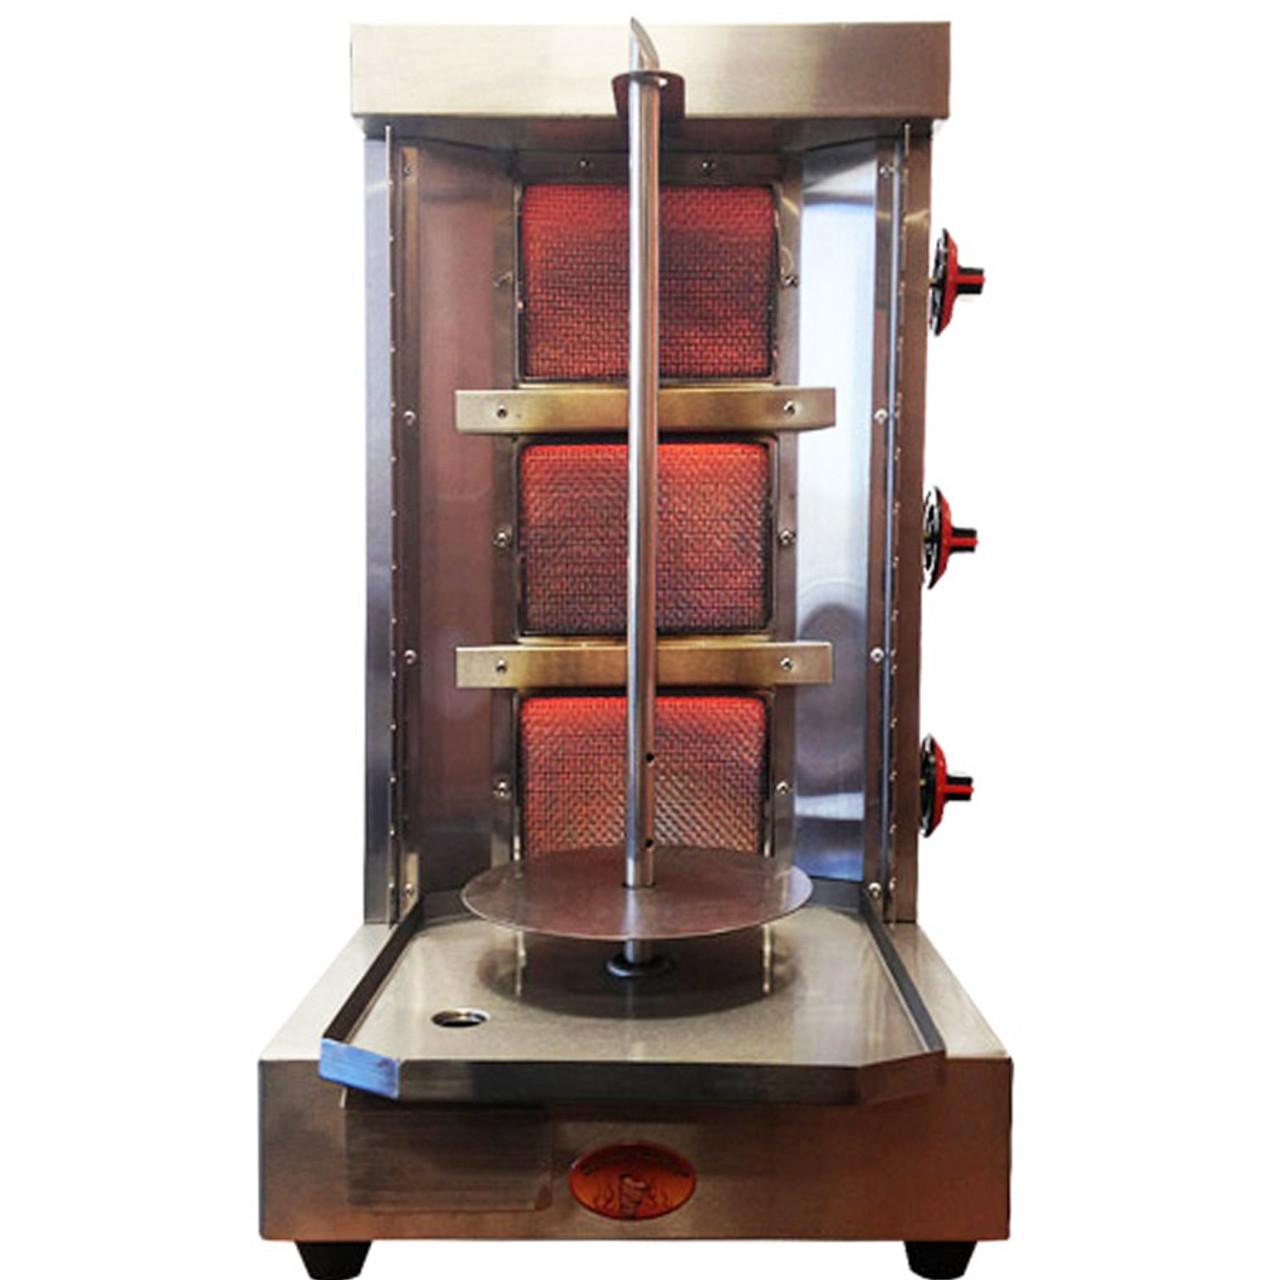 shawarma machine vertical broiler 3 burners sg2